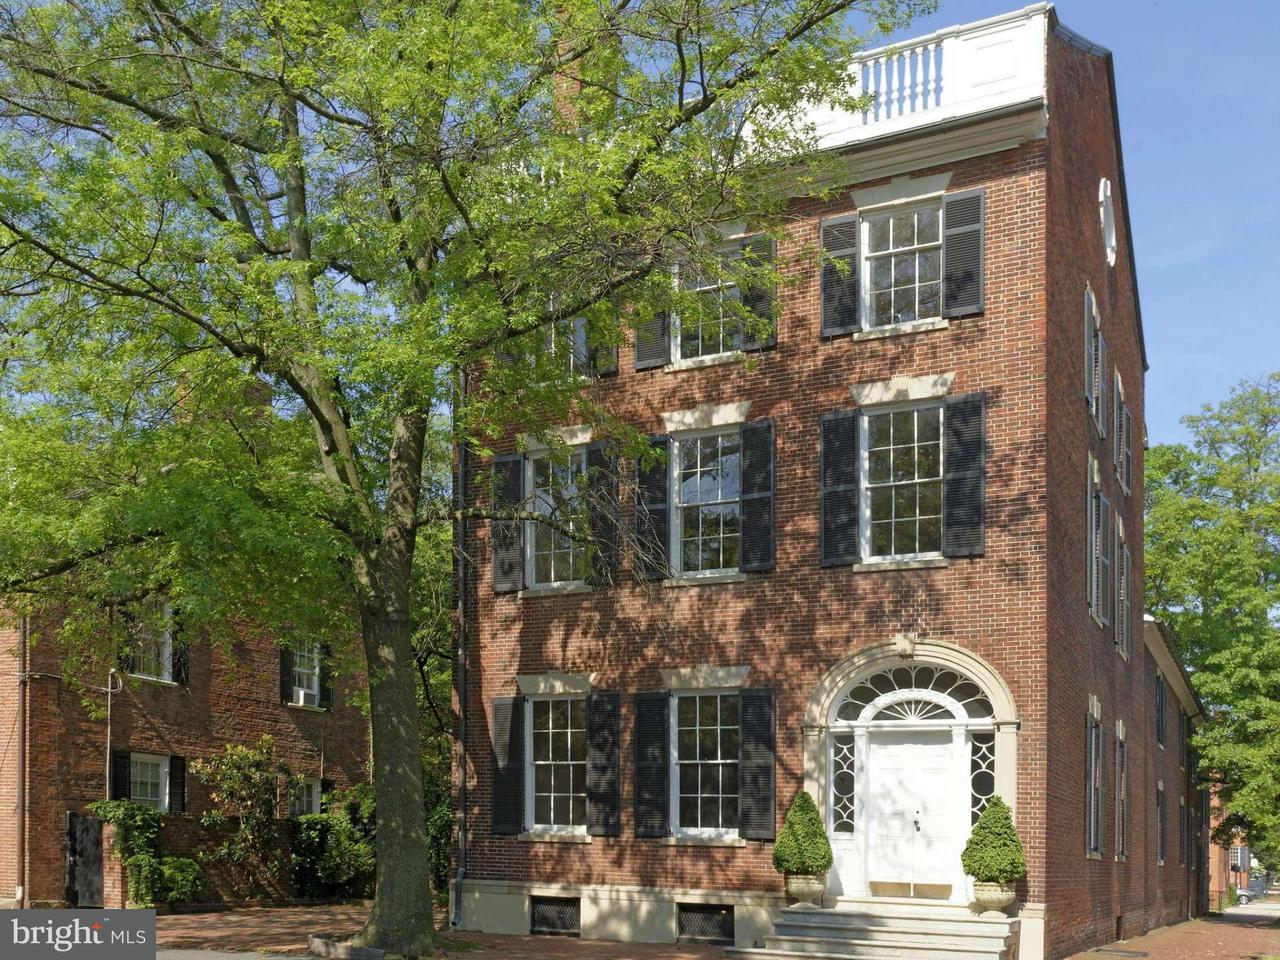 Maison unifamiliale pour l Vente à 301 SAINT ASAPH ST S 301 SAINT ASAPH ST S Alexandria, Virginia 22314 États-Unis